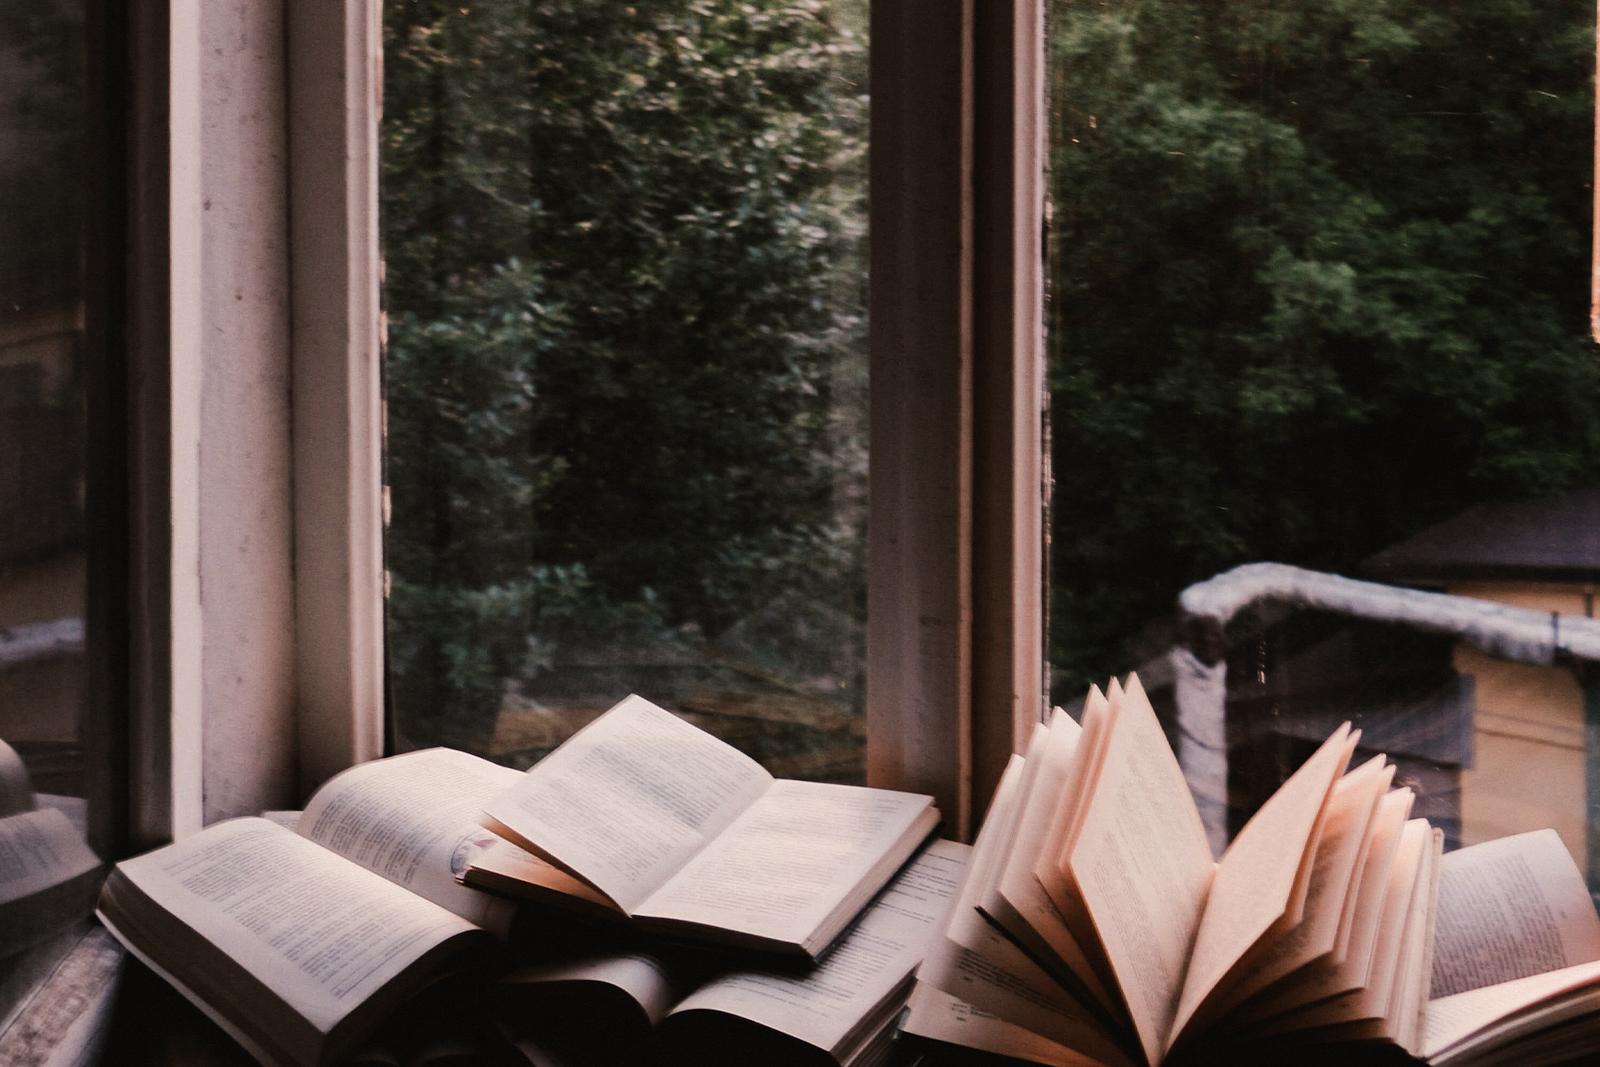 open books on a shelf